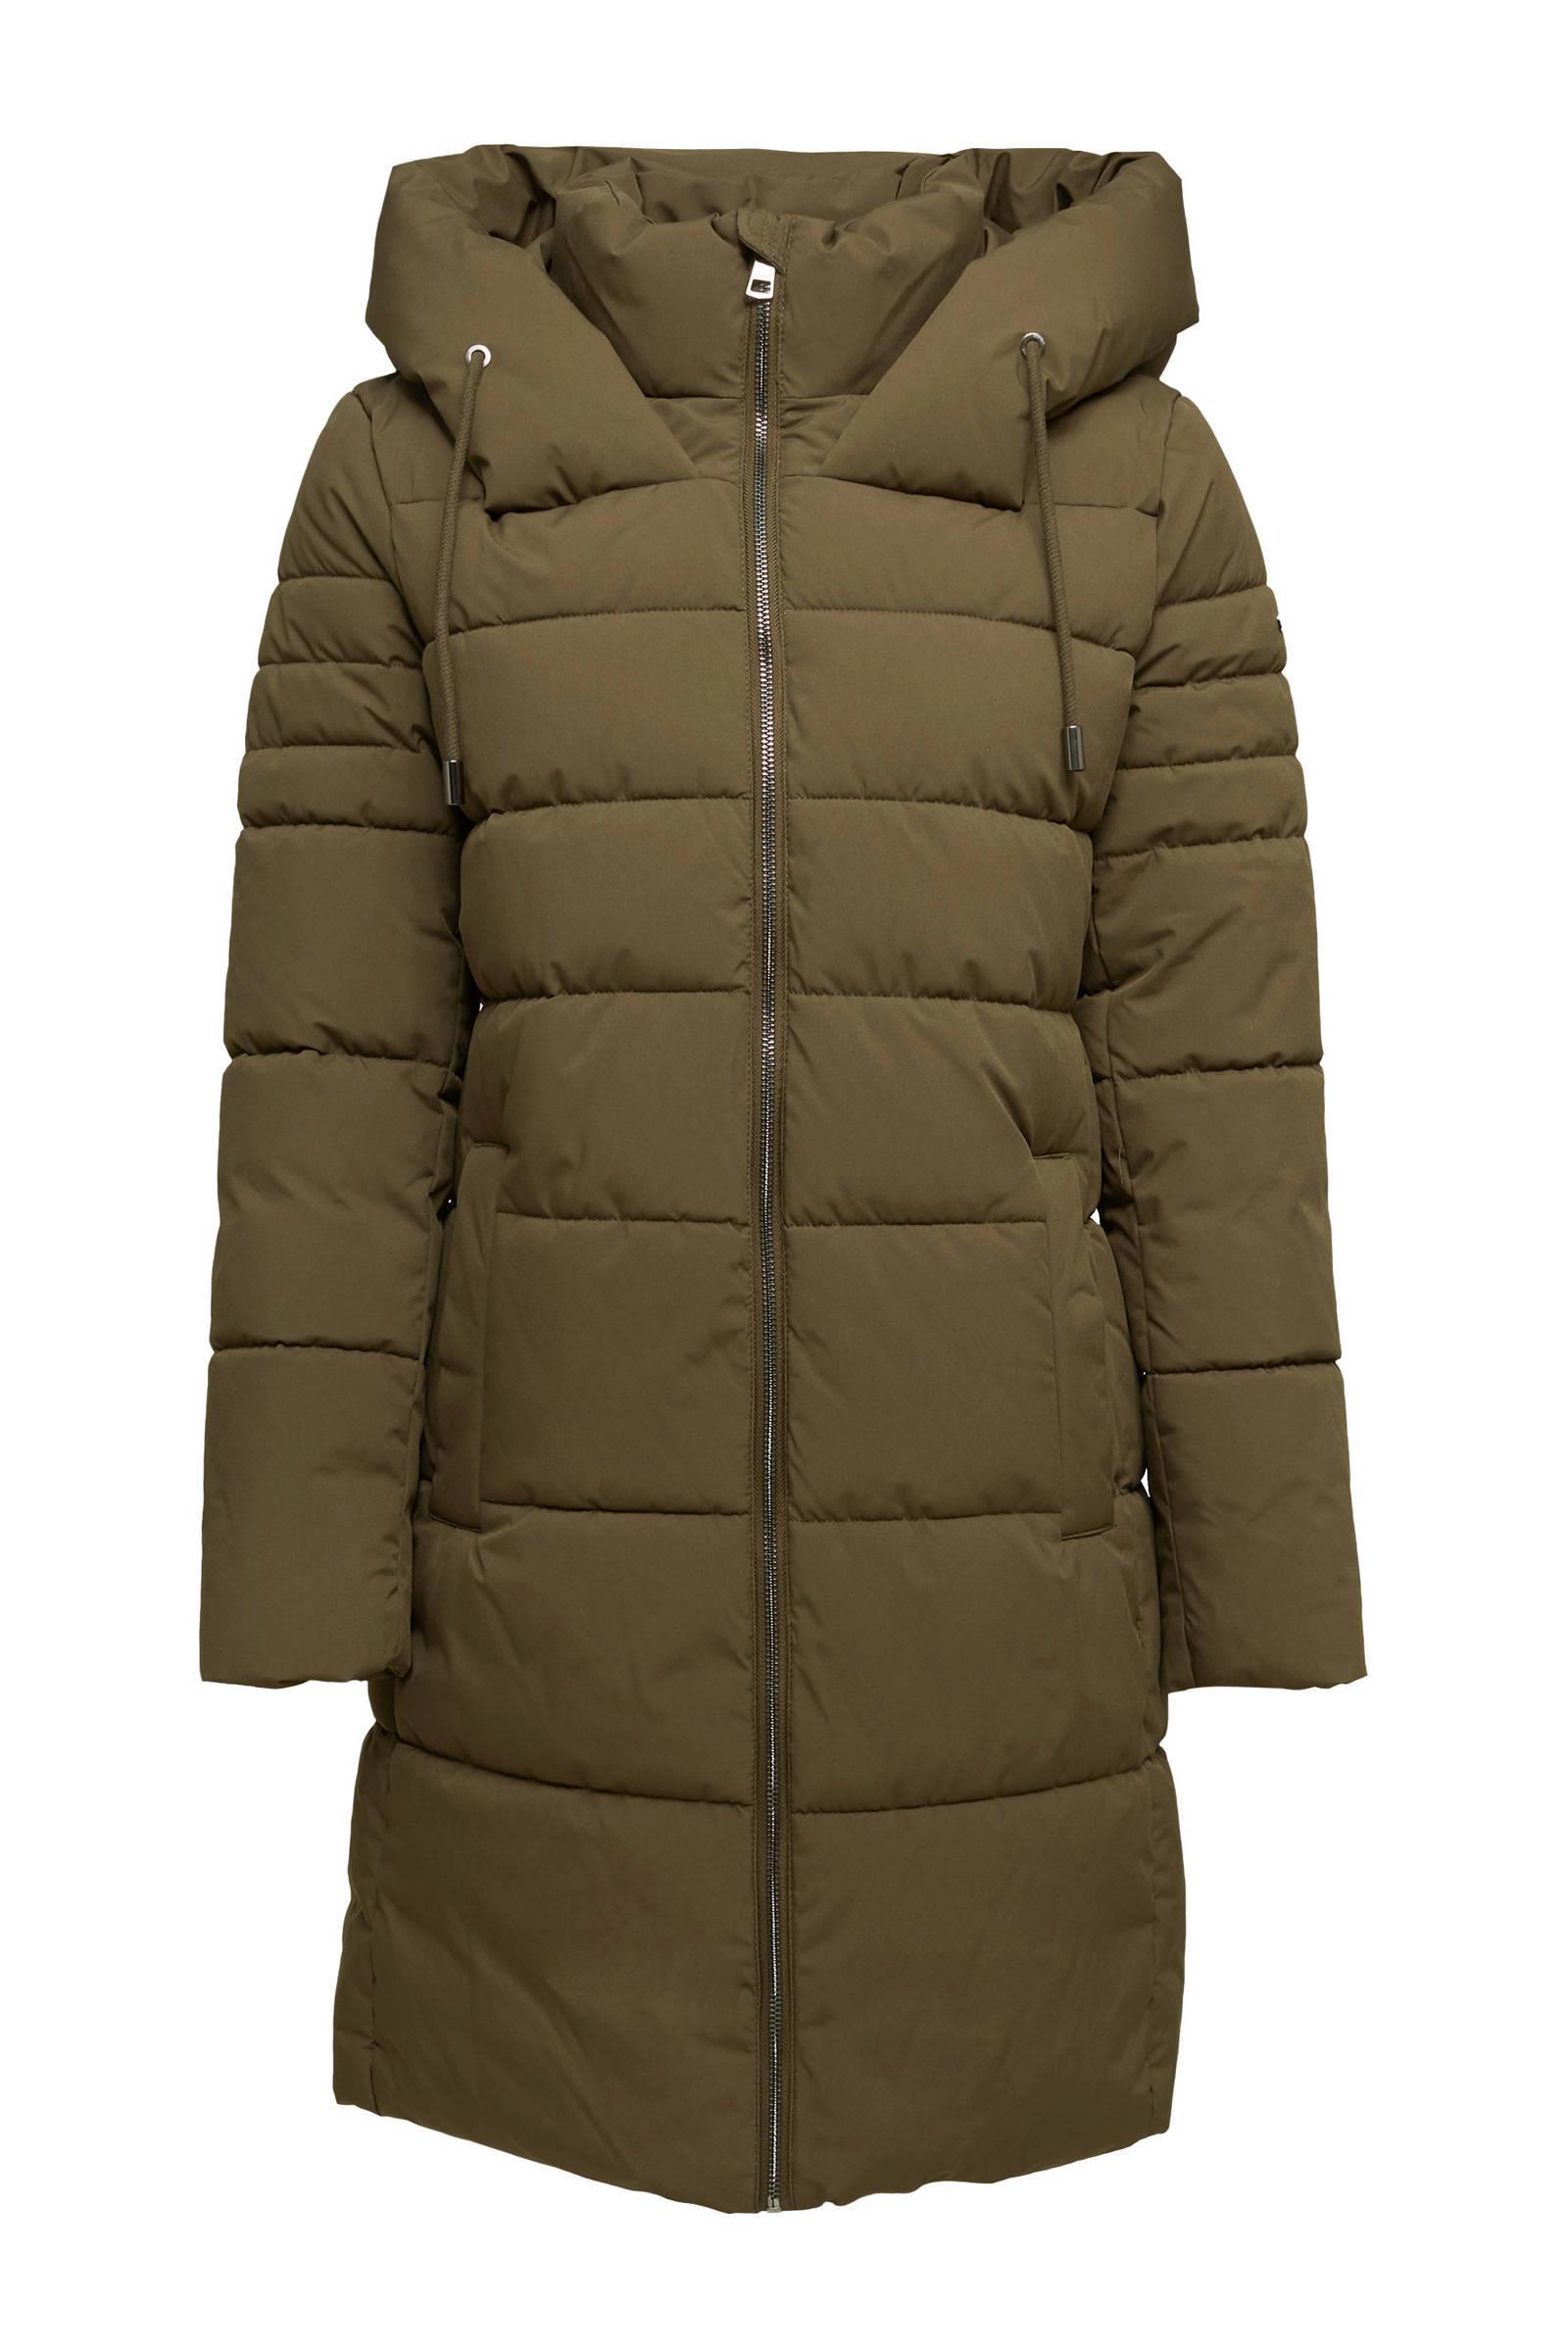 ESPRIT Women Casual gewatteerde jas van gerecycled polyester